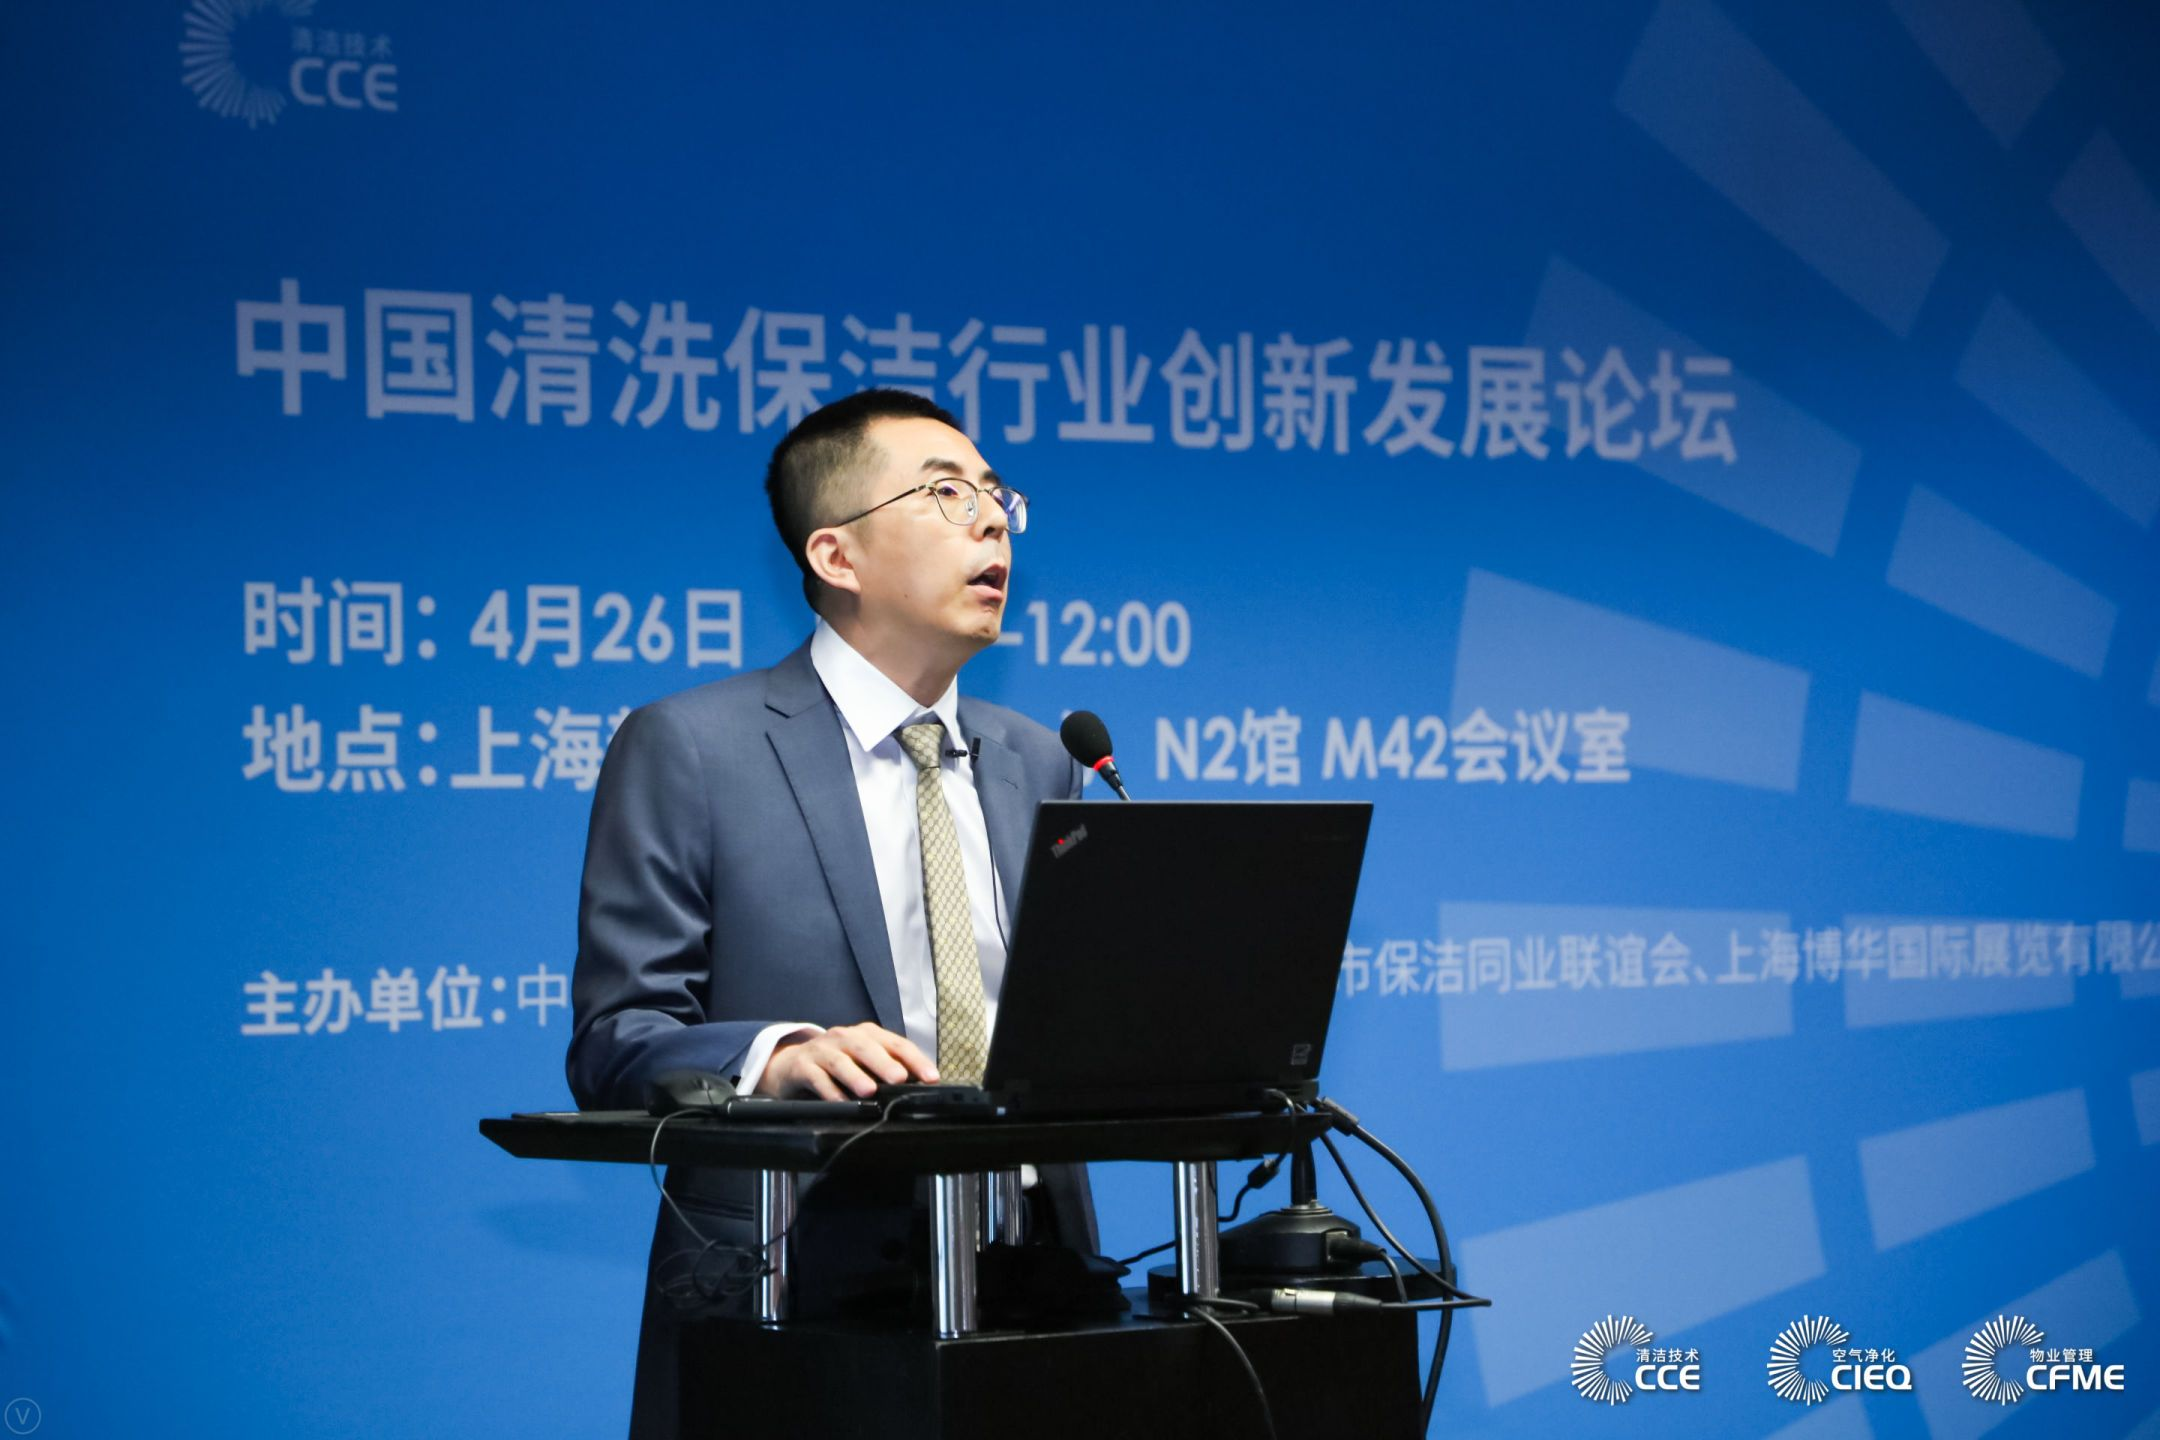 中国清洗保洁行业创新发展论坛